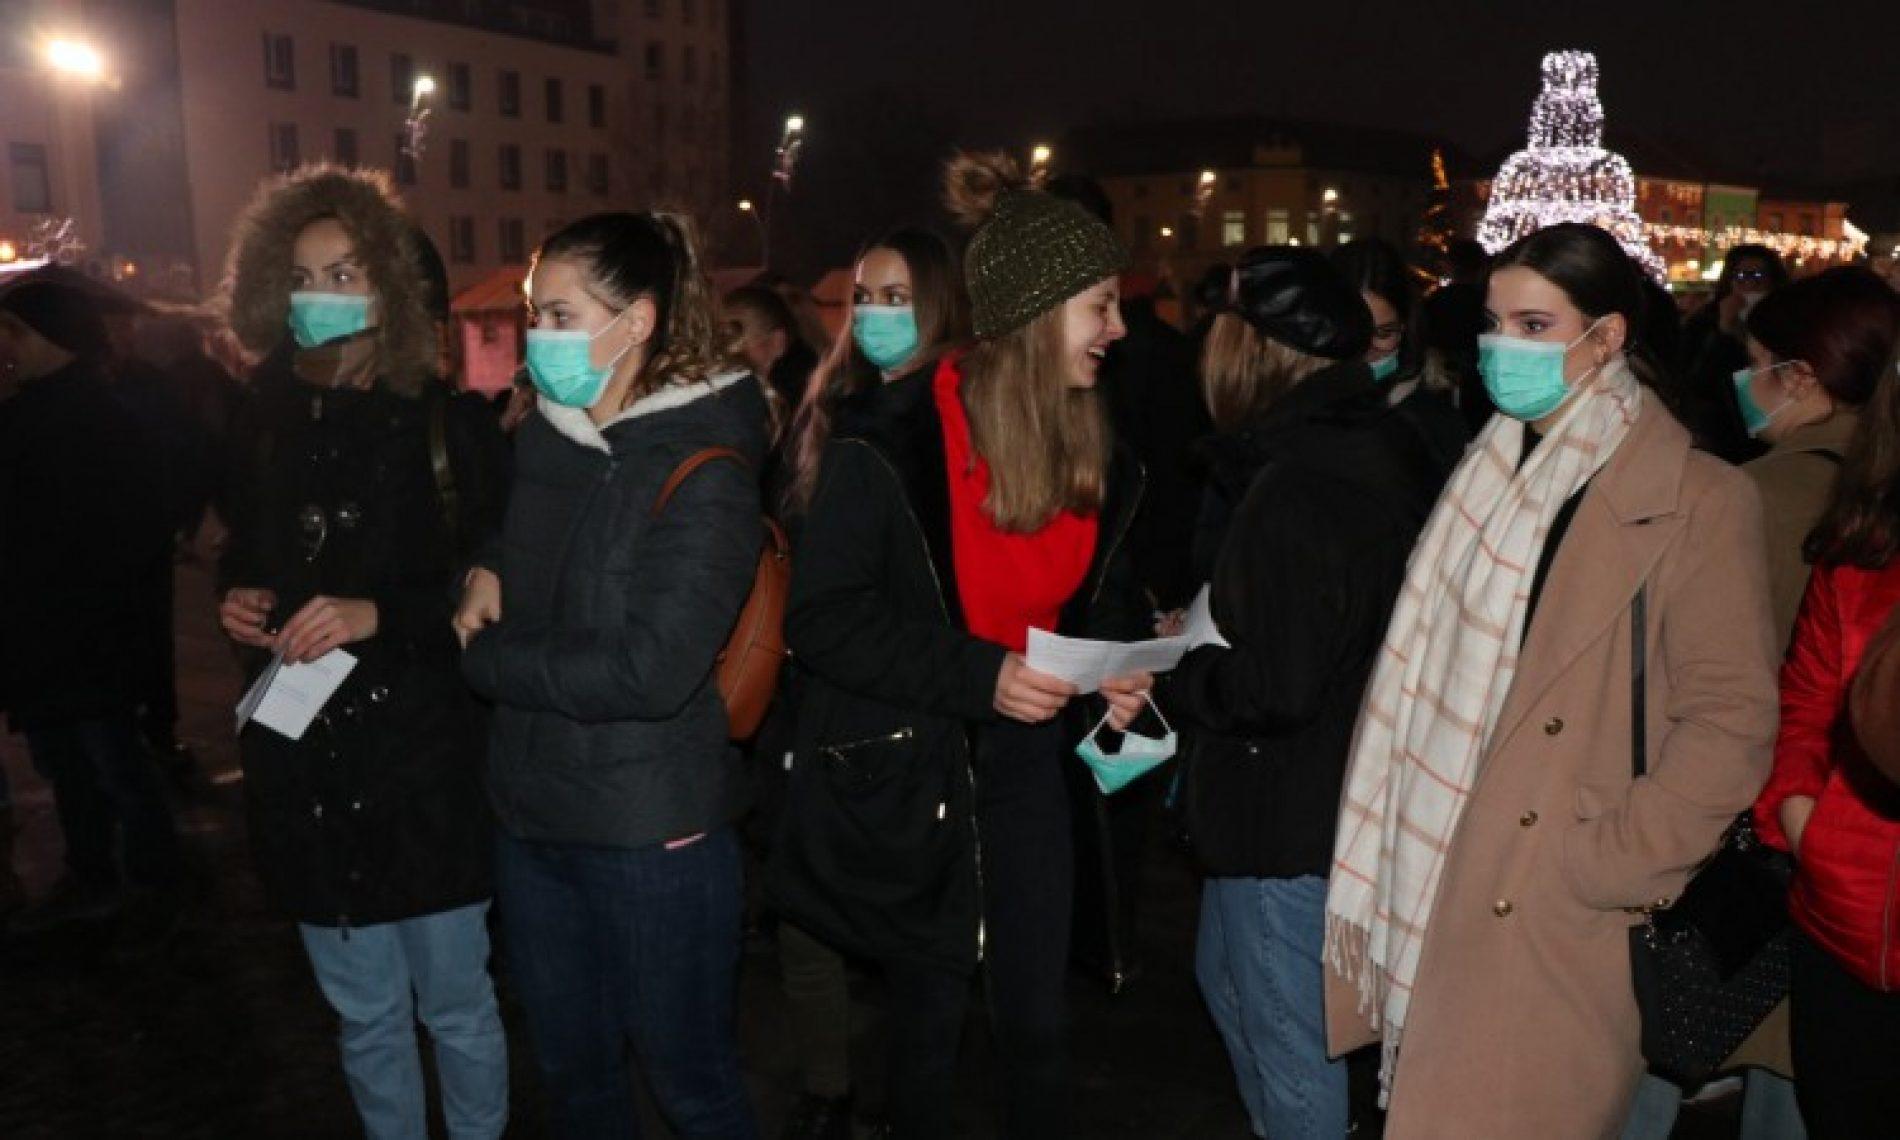 BBC – Smog zahvatio gradove južne Evrope, mjere za smanjenje zagađenja zraka